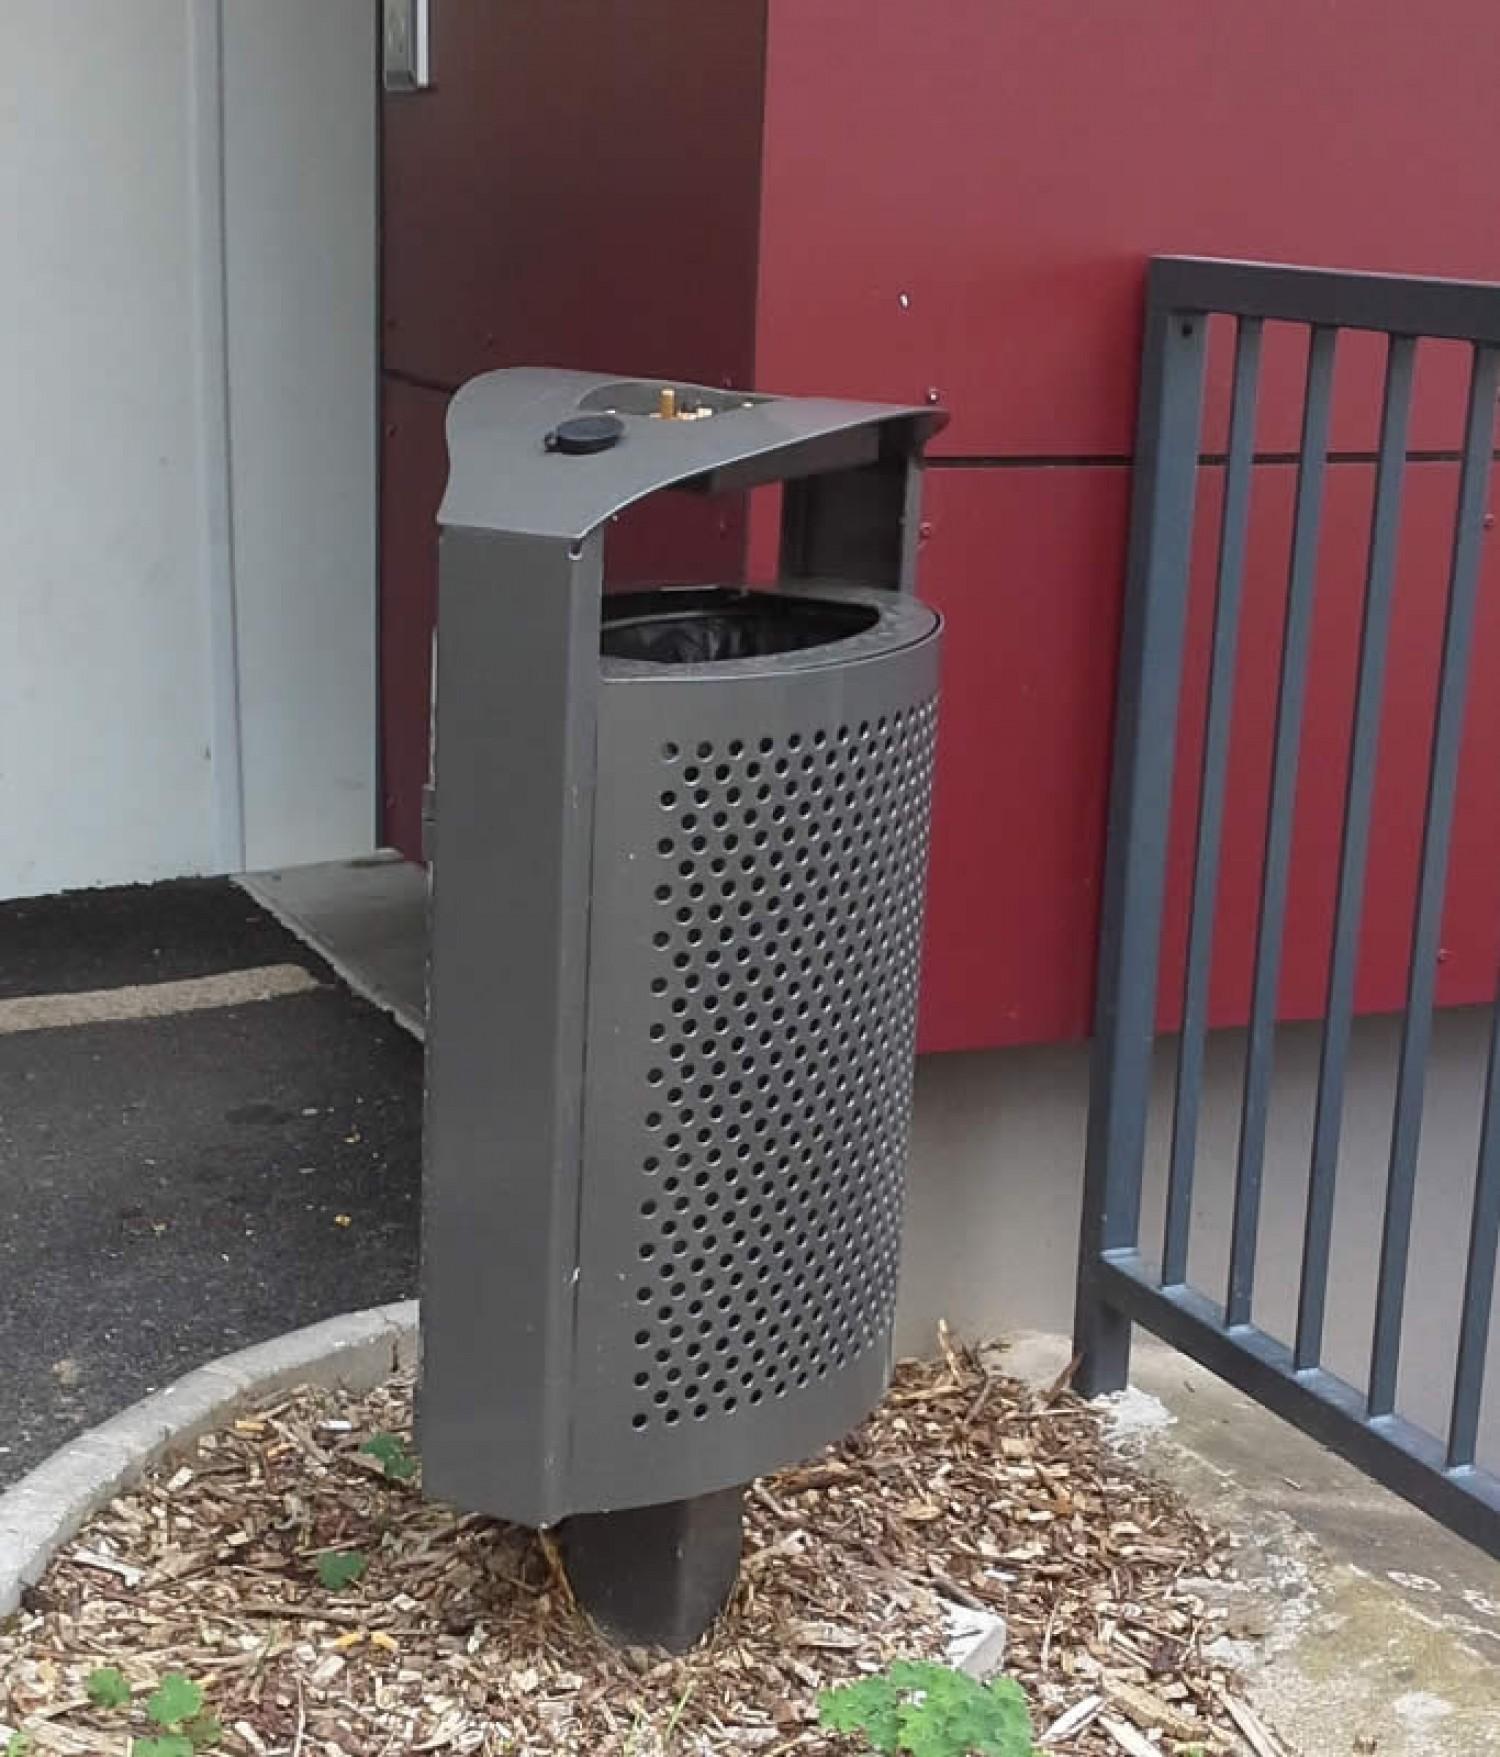 Corbeille de propreté urbaine